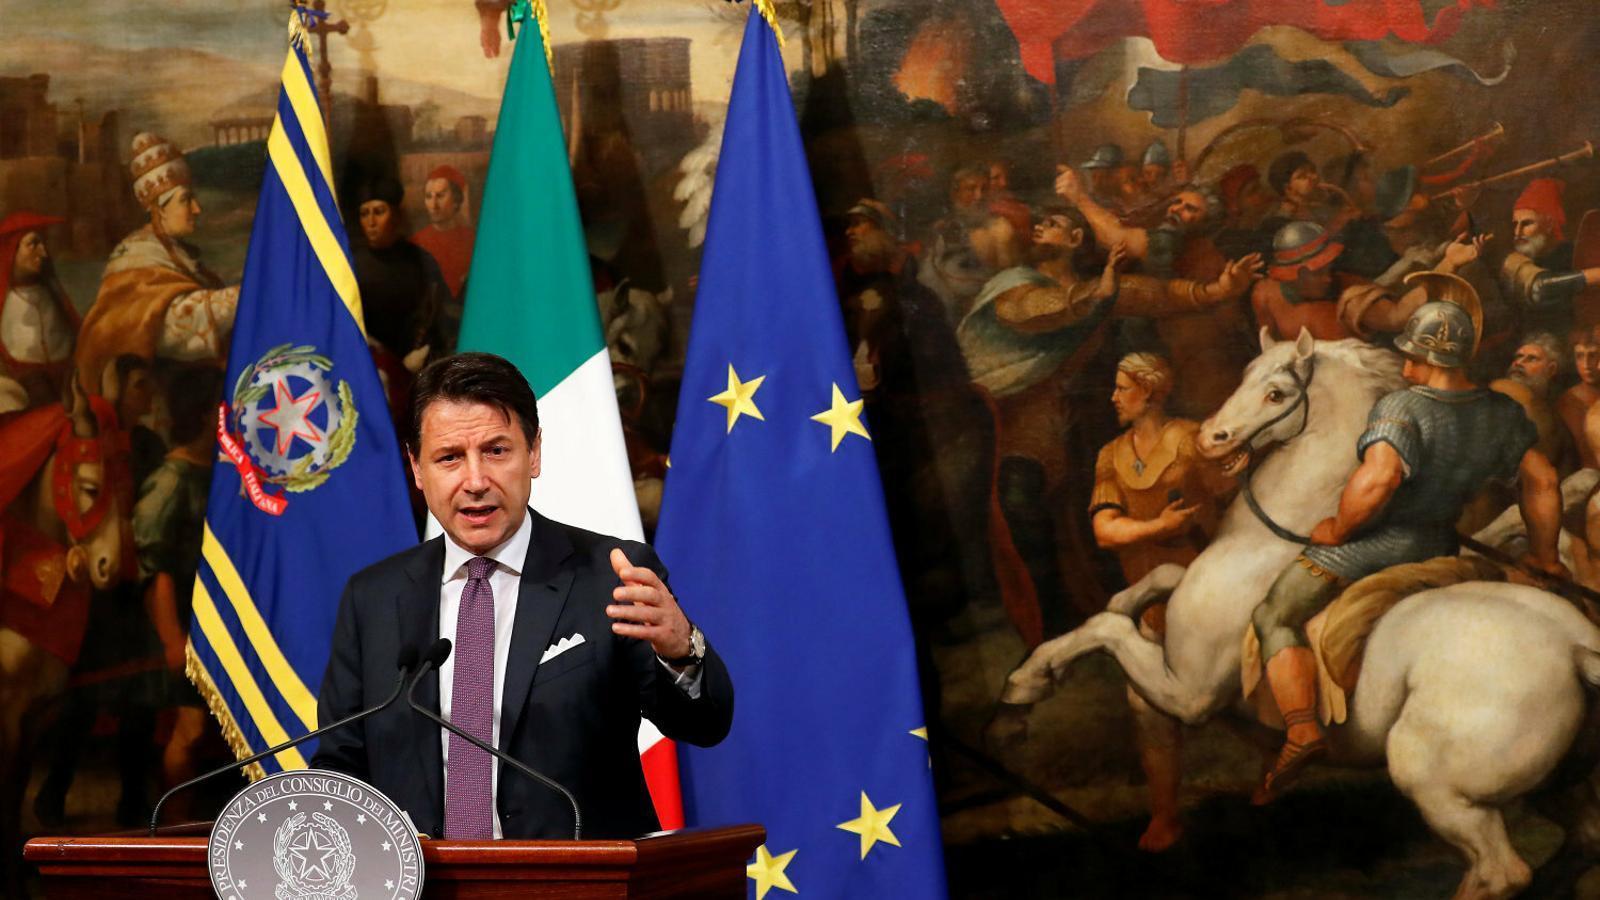 Conte amenaça amb dimitir si el govern italià no va a l'una